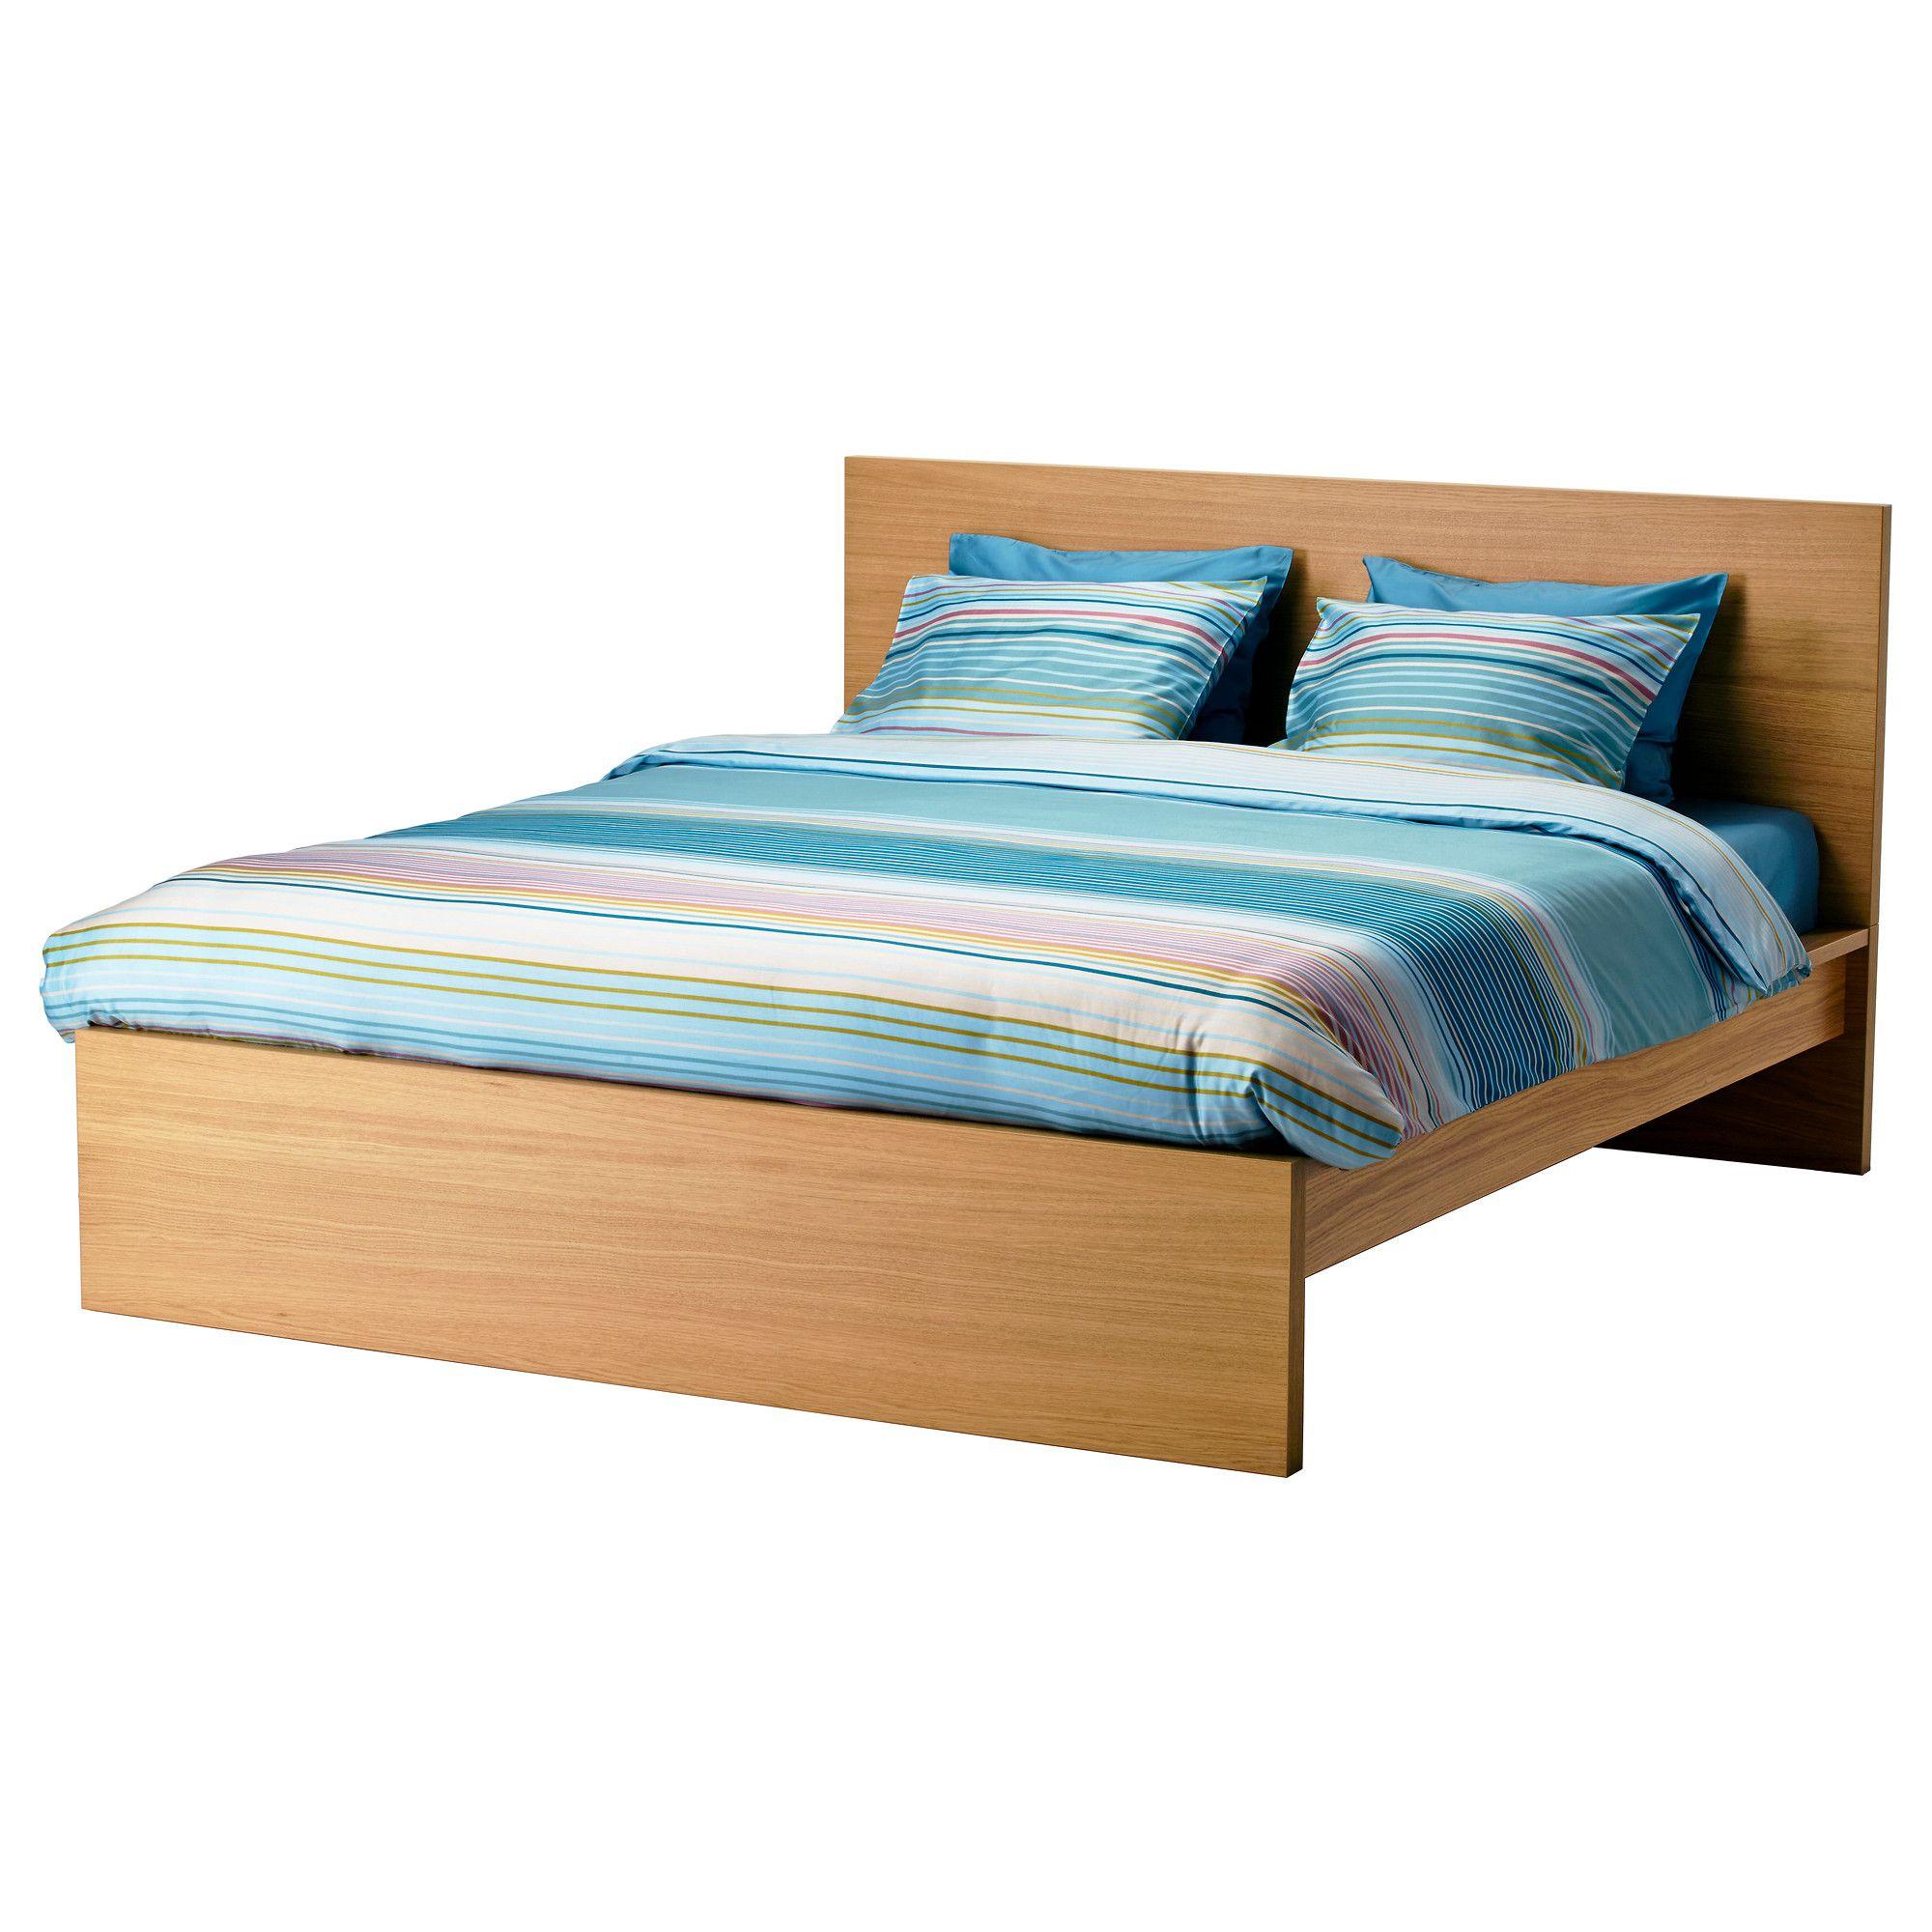 Wie Man Holz Bett Schlafen Mit Bildern Malm Bett Verstellbare Betten Ikea Malm Bett